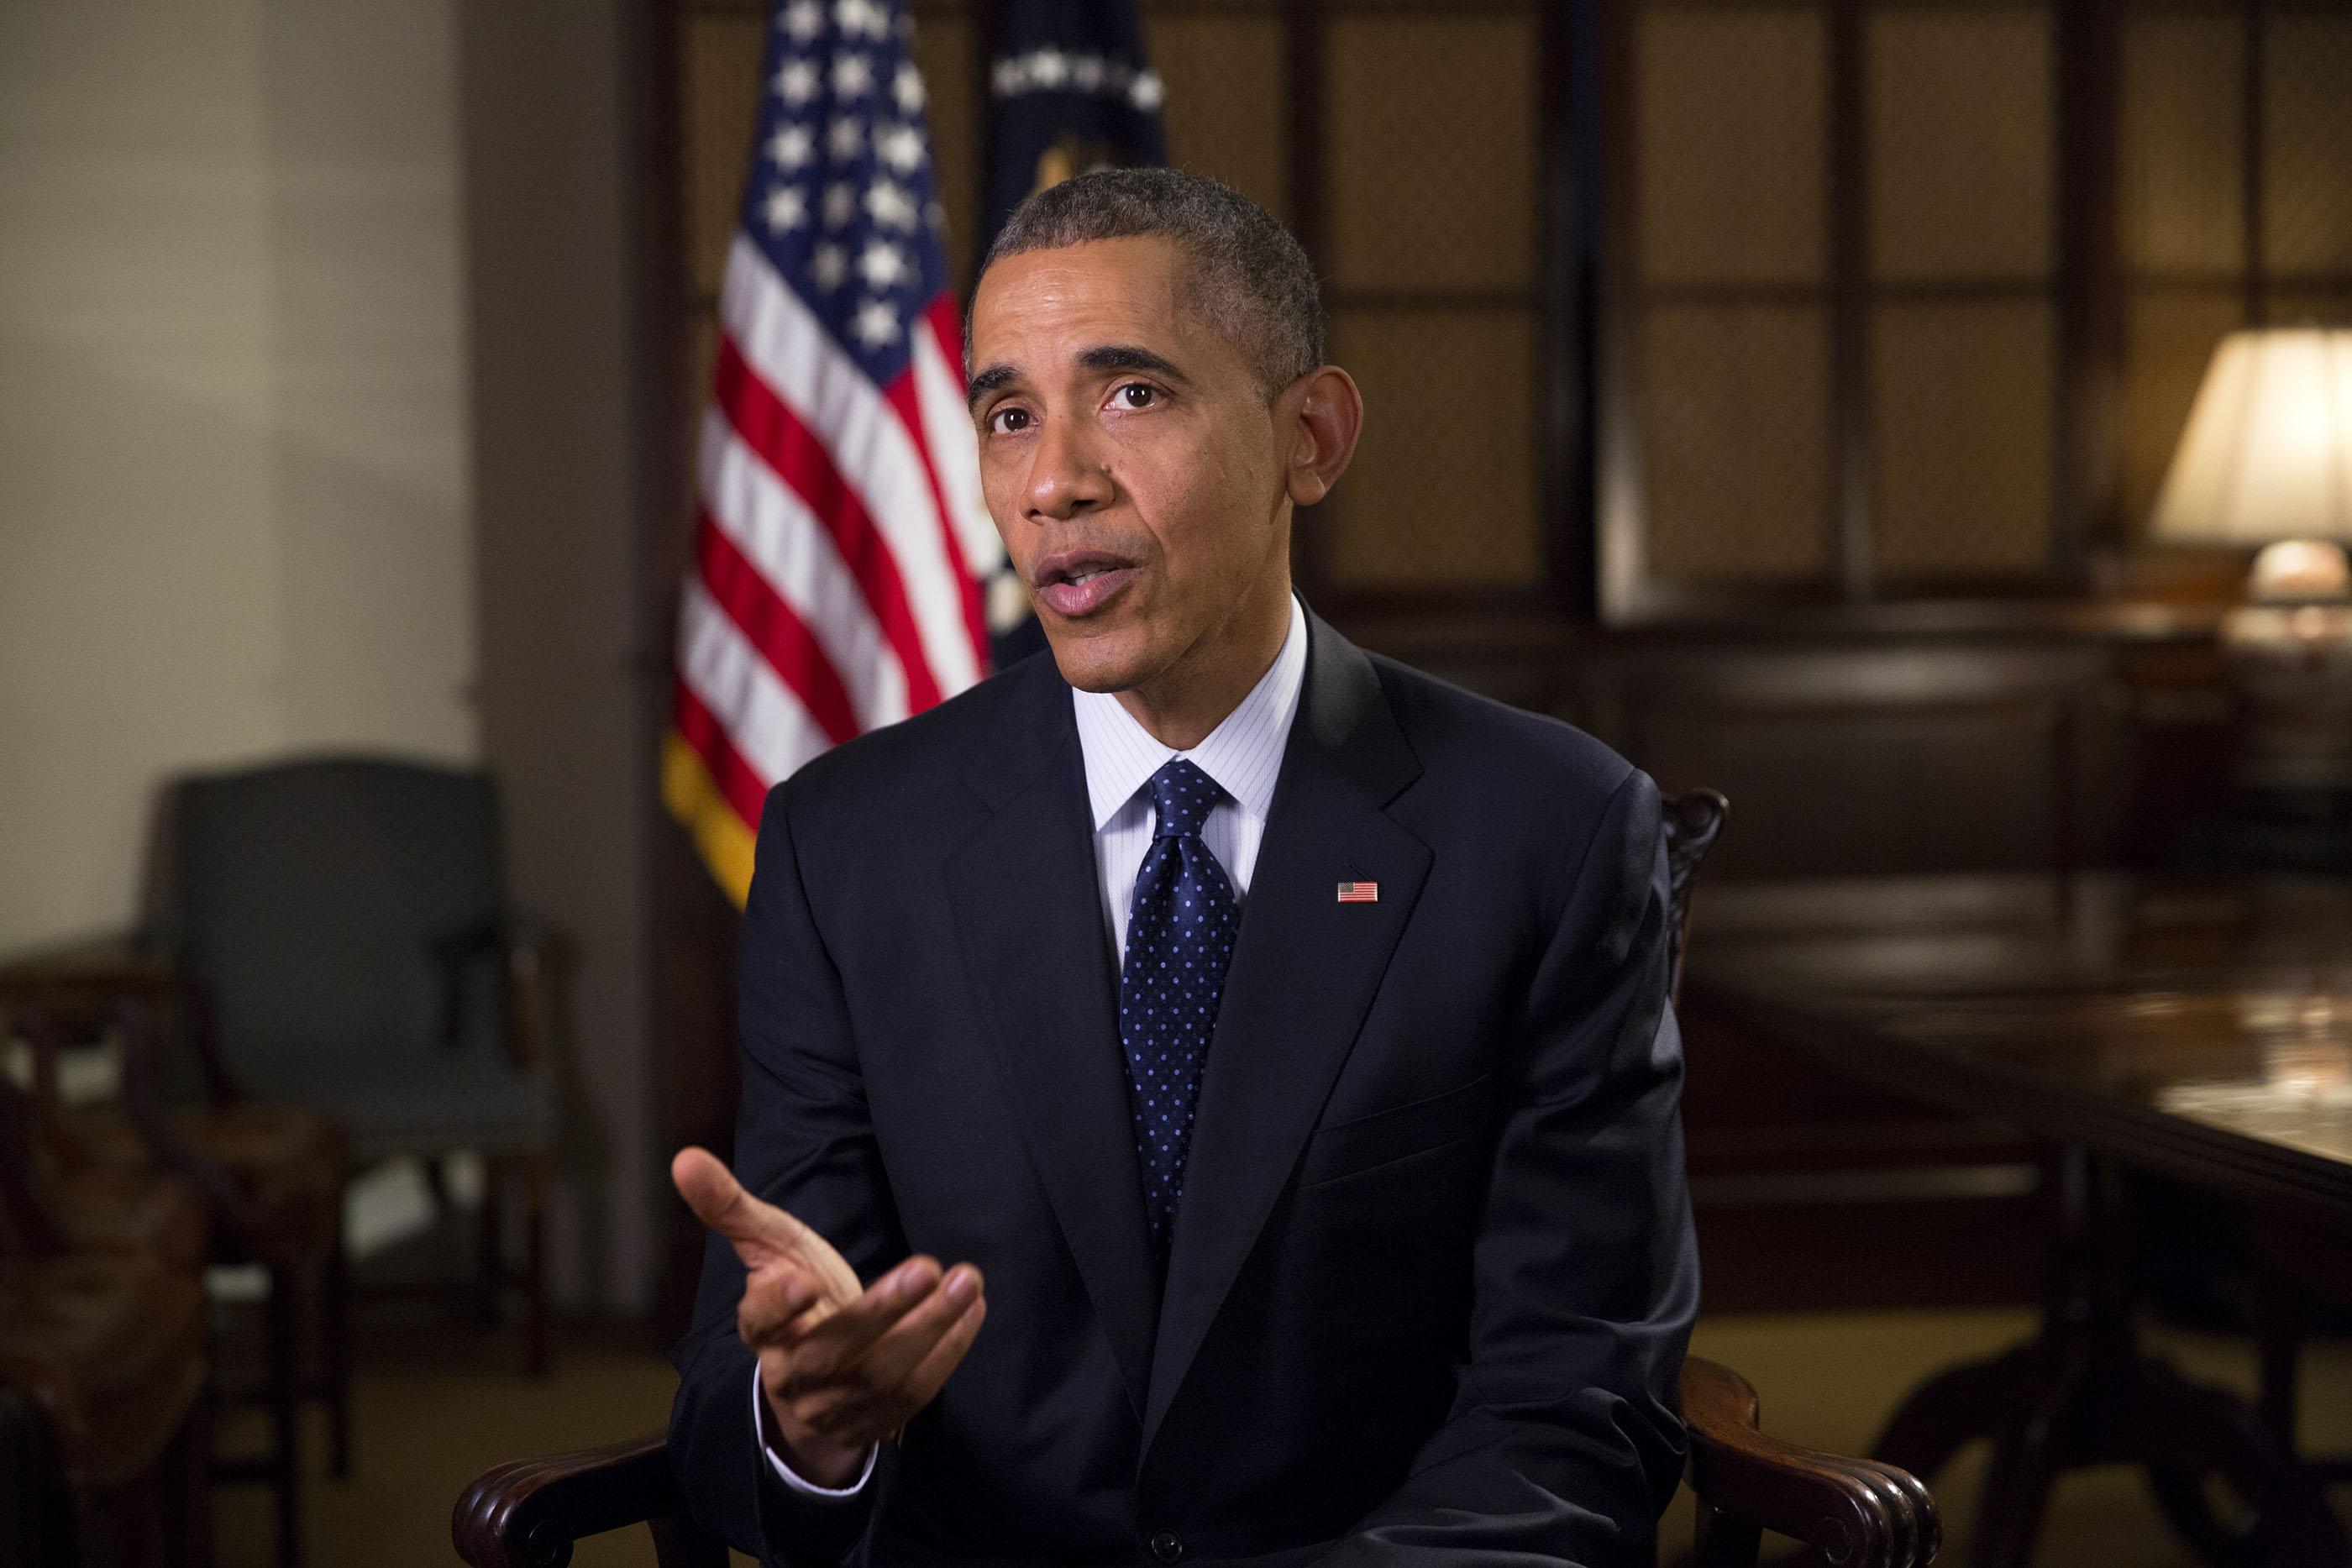 Нейронные сети способны почти начто угодно: даже заставить бывшего президента говорить под фонограмму.